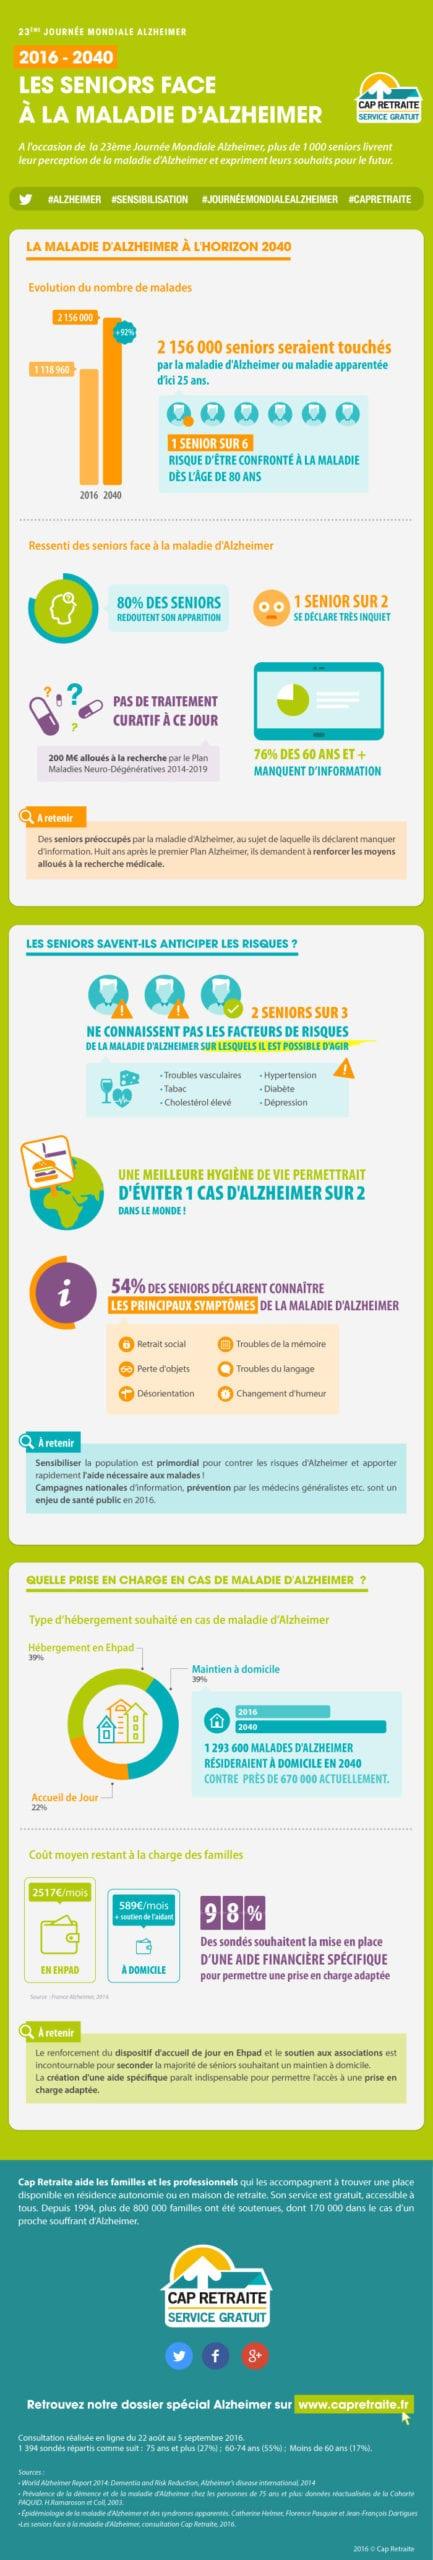 Infographie de Cap Retraite sur Alzheimer